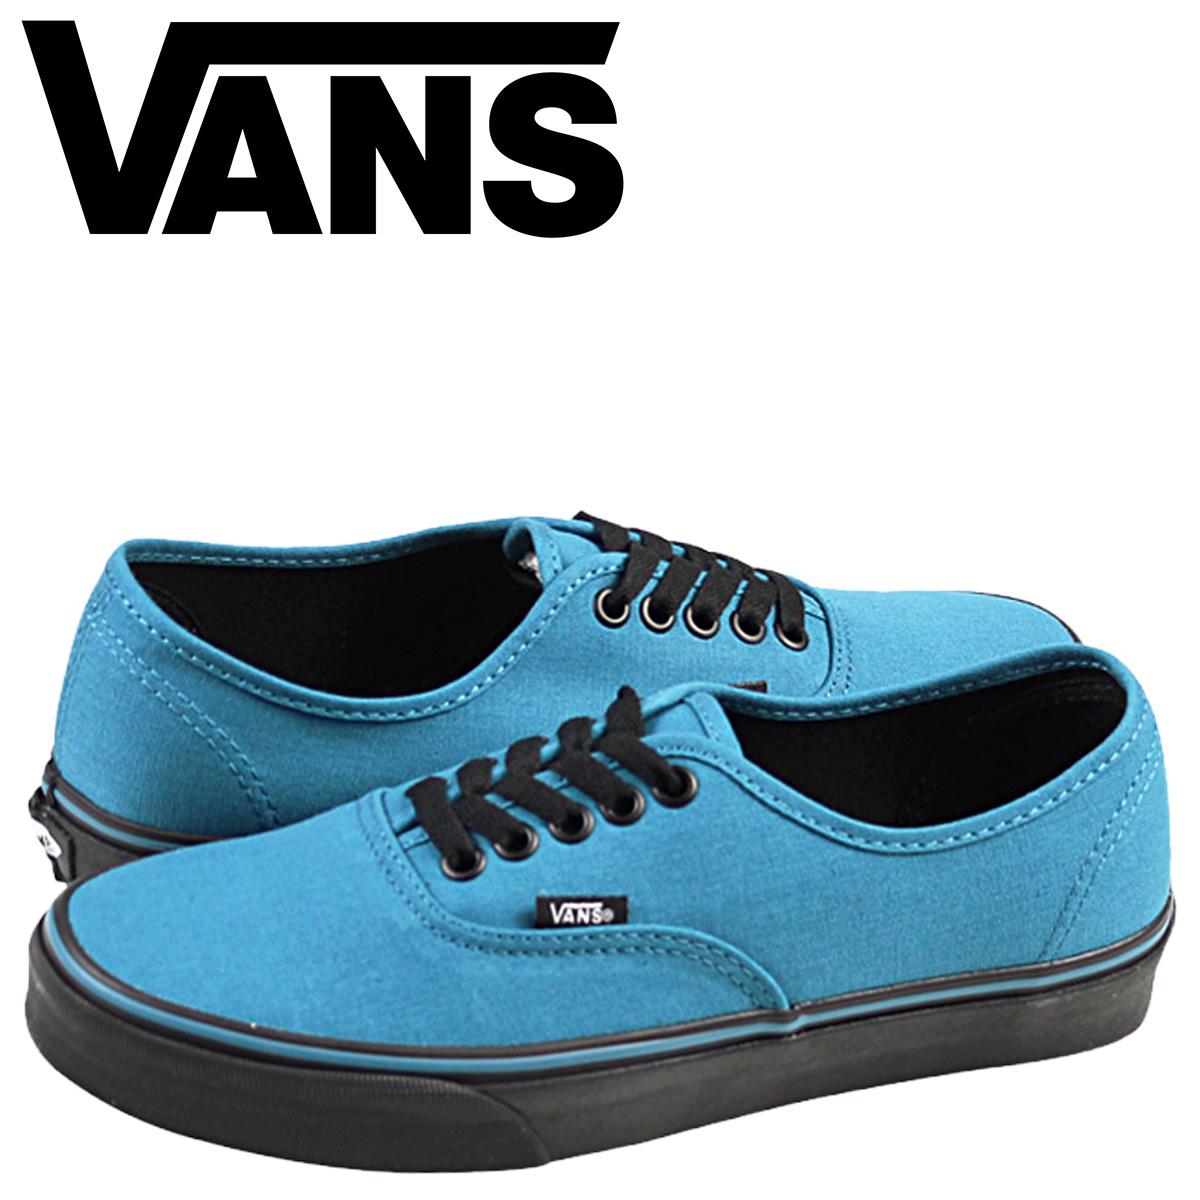 36ca4d03fee Vans VANS authentic sneakers AUTHENTIC BLACK SOLE VN-0YS7EOQ men gap Dis shoes  blue